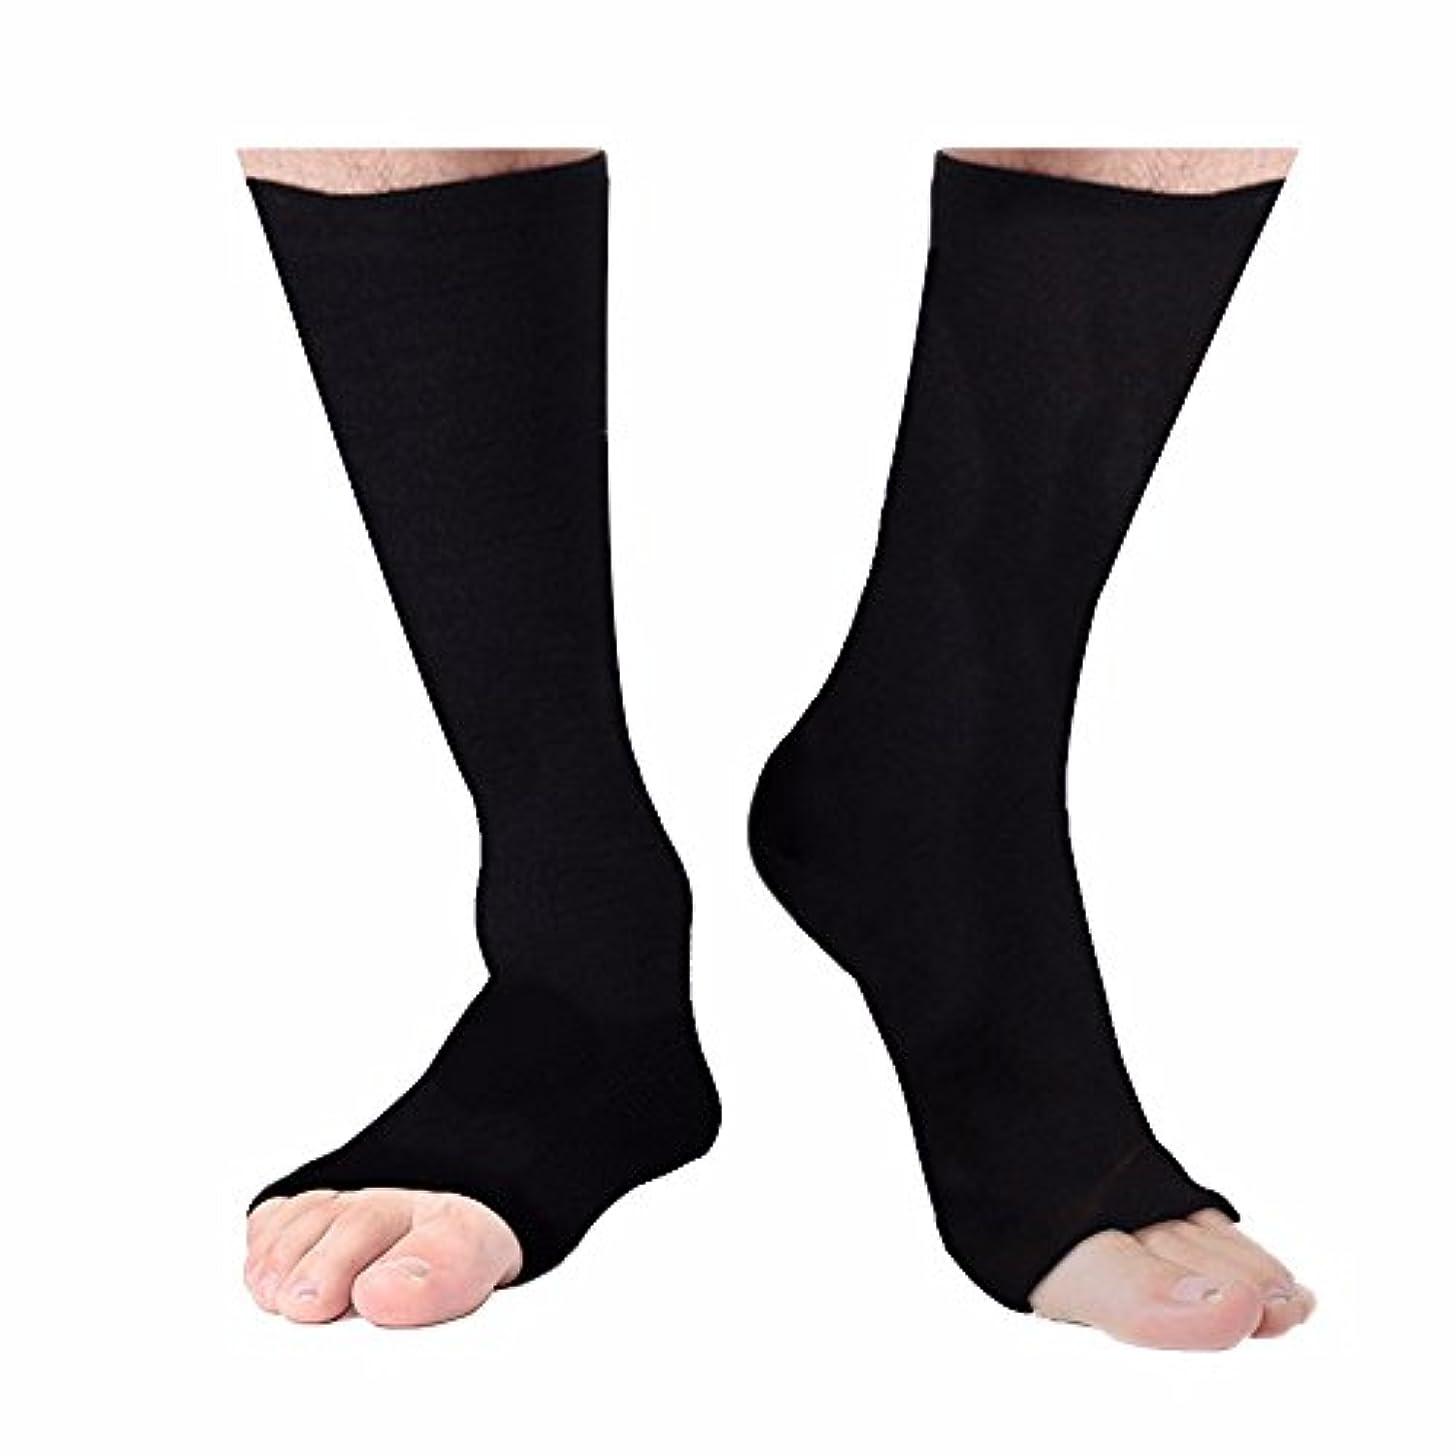 超高層ビル不定処理するYartar 着圧ソックス オープントゥ 段階圧力 ハイソックス 膝下 むくみ対策 男女兼用 Open Toe Pressure Socks (ブラック, L:35cm)